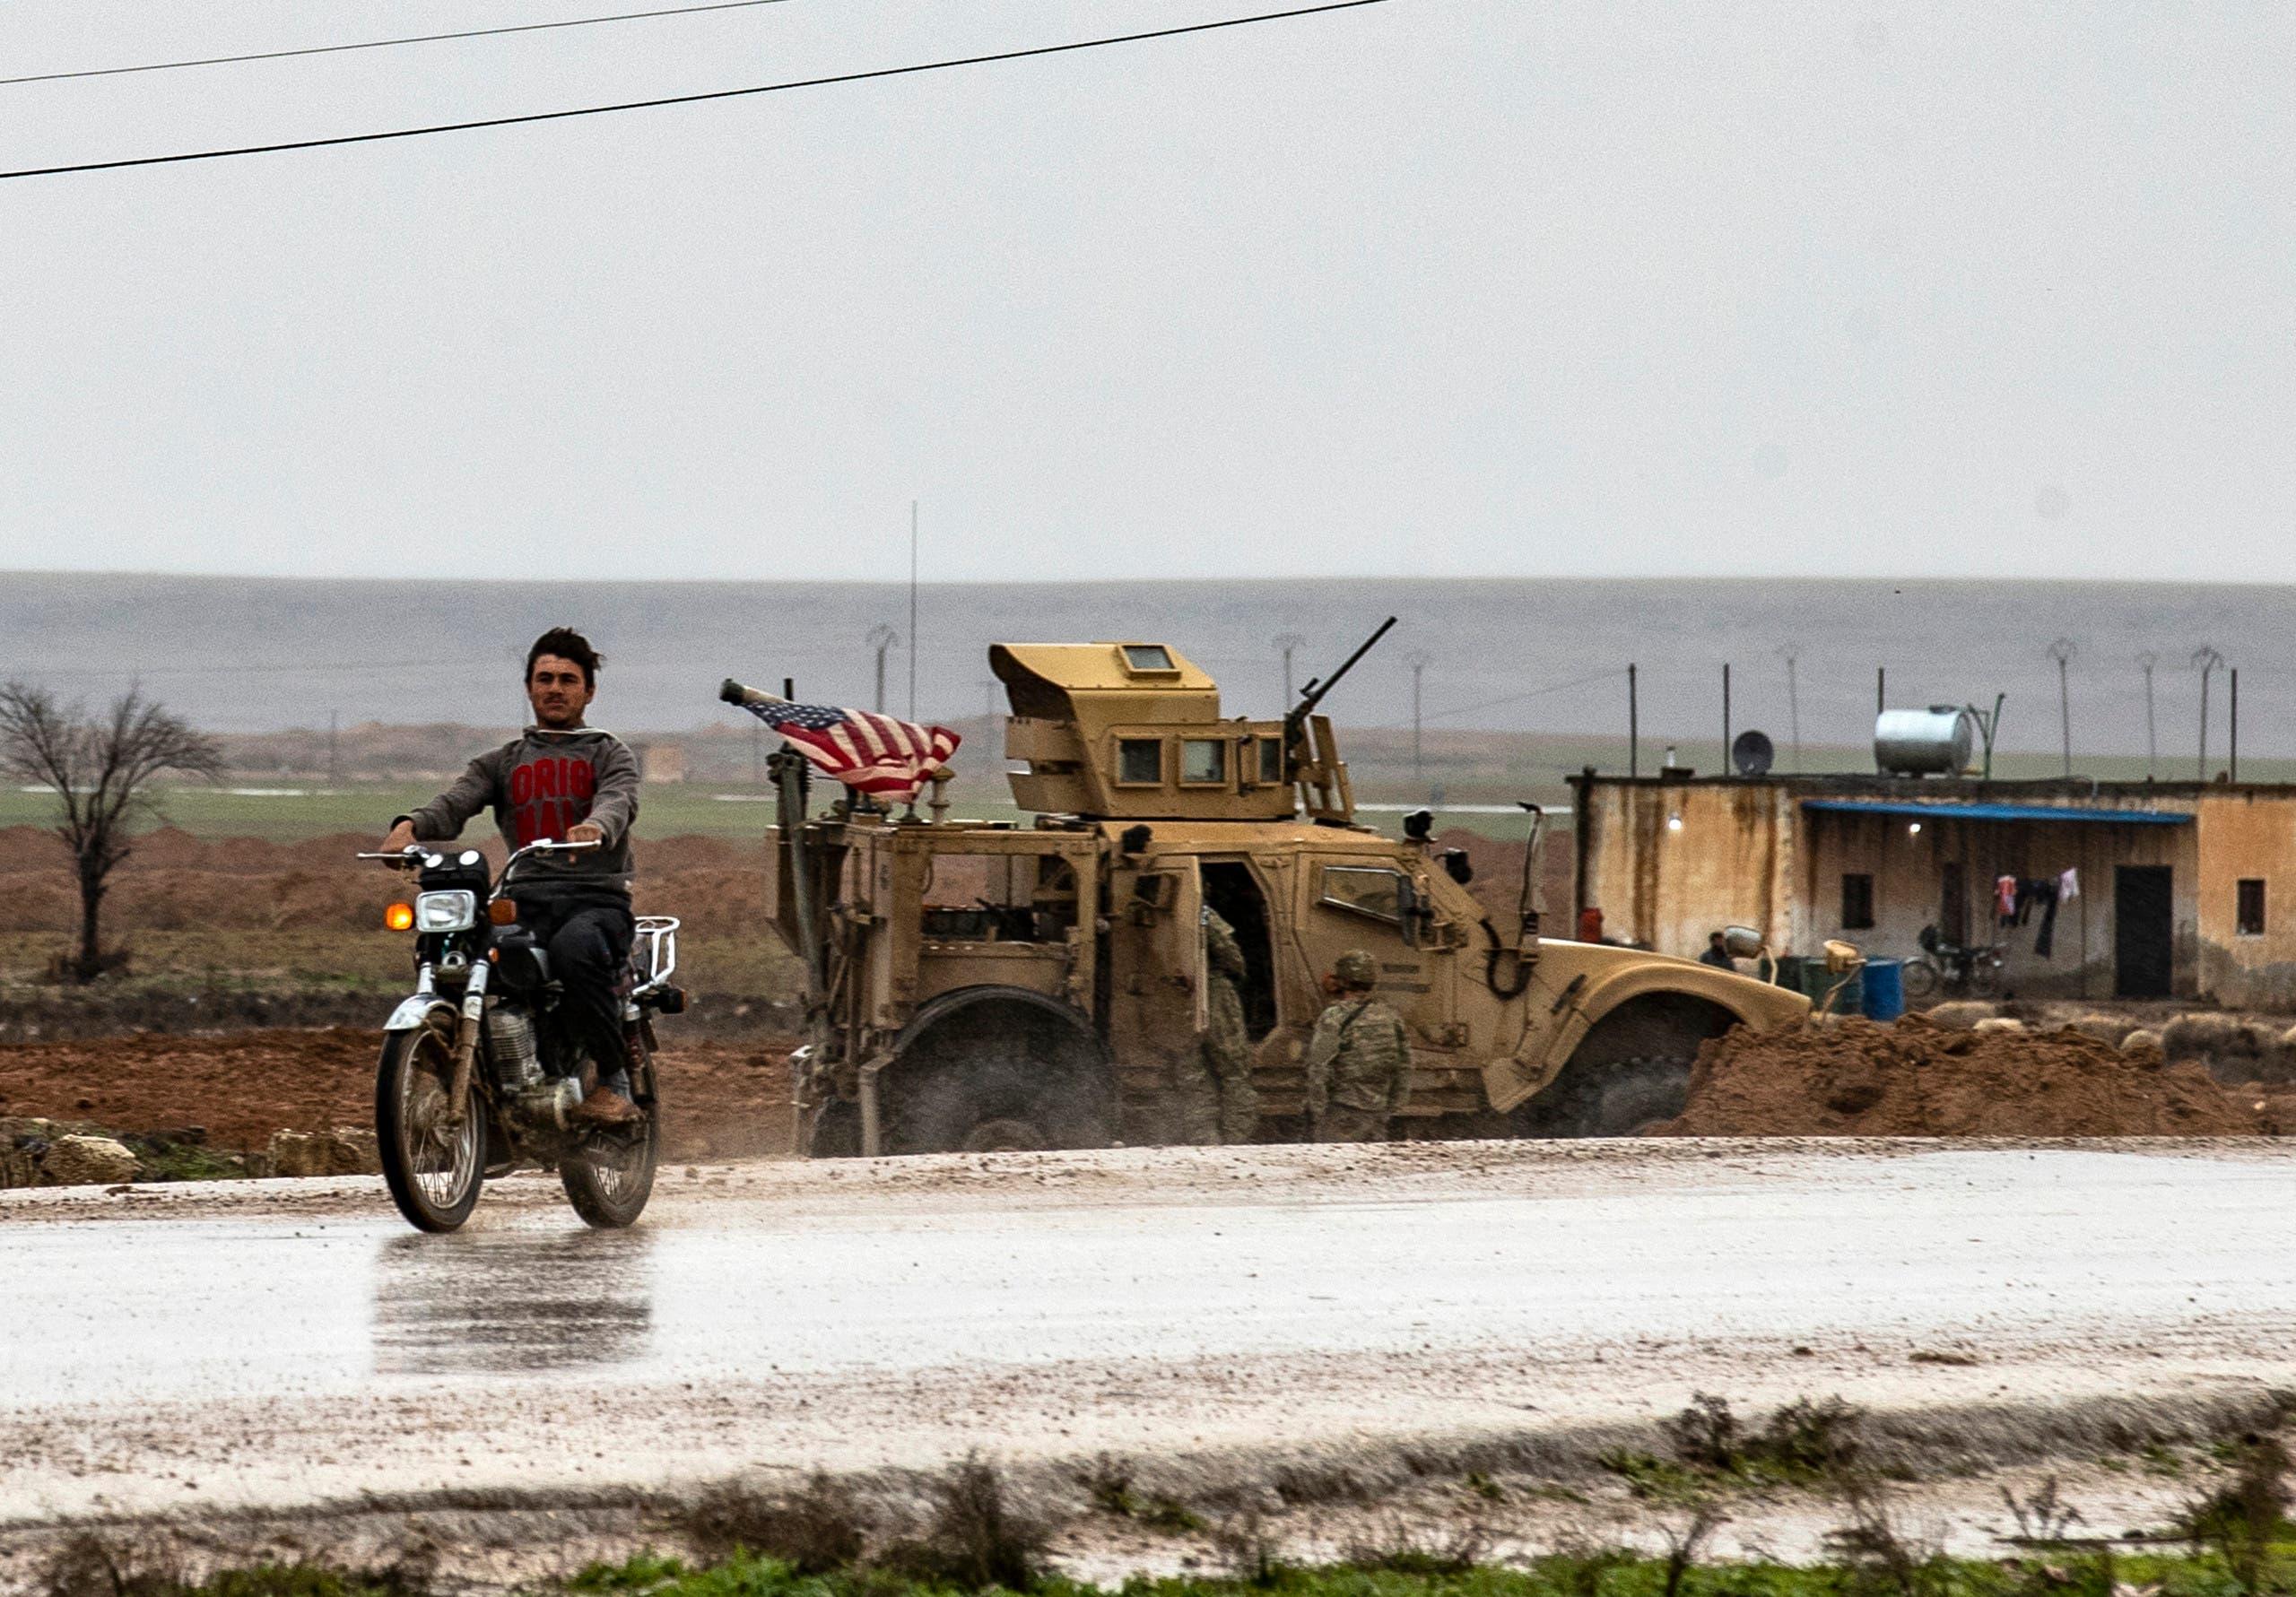 حراك إيراني روسي مريب شرق سوريا يقلق الجيش الأمريكي